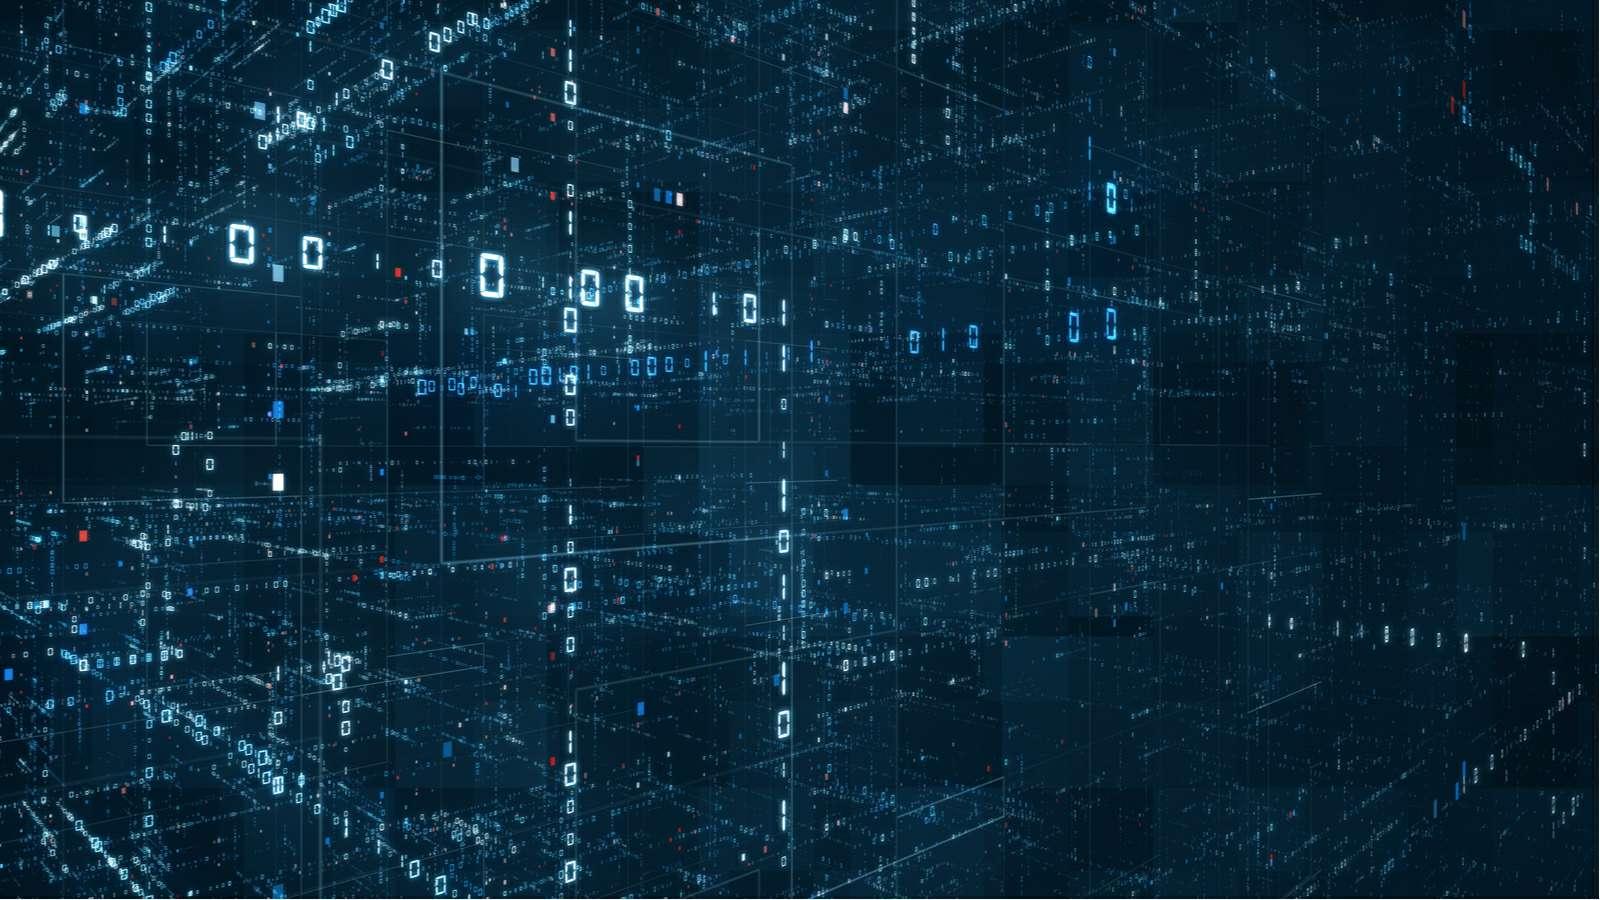 世界互联网大会,关于数据中心的那些事儿